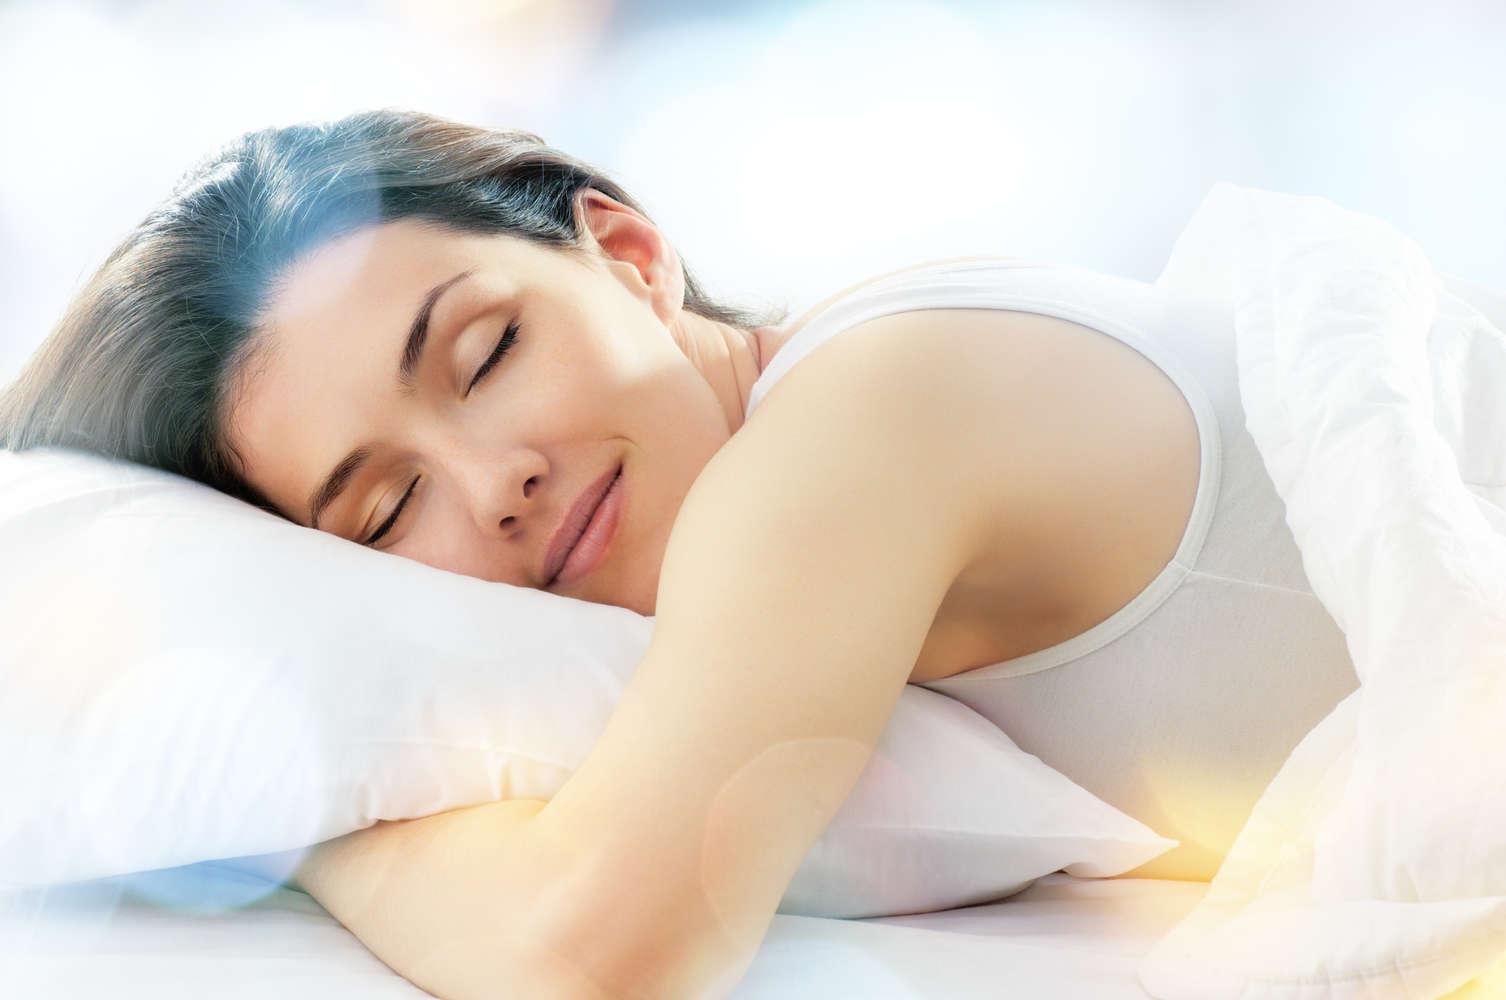 ... besseren Schlaf